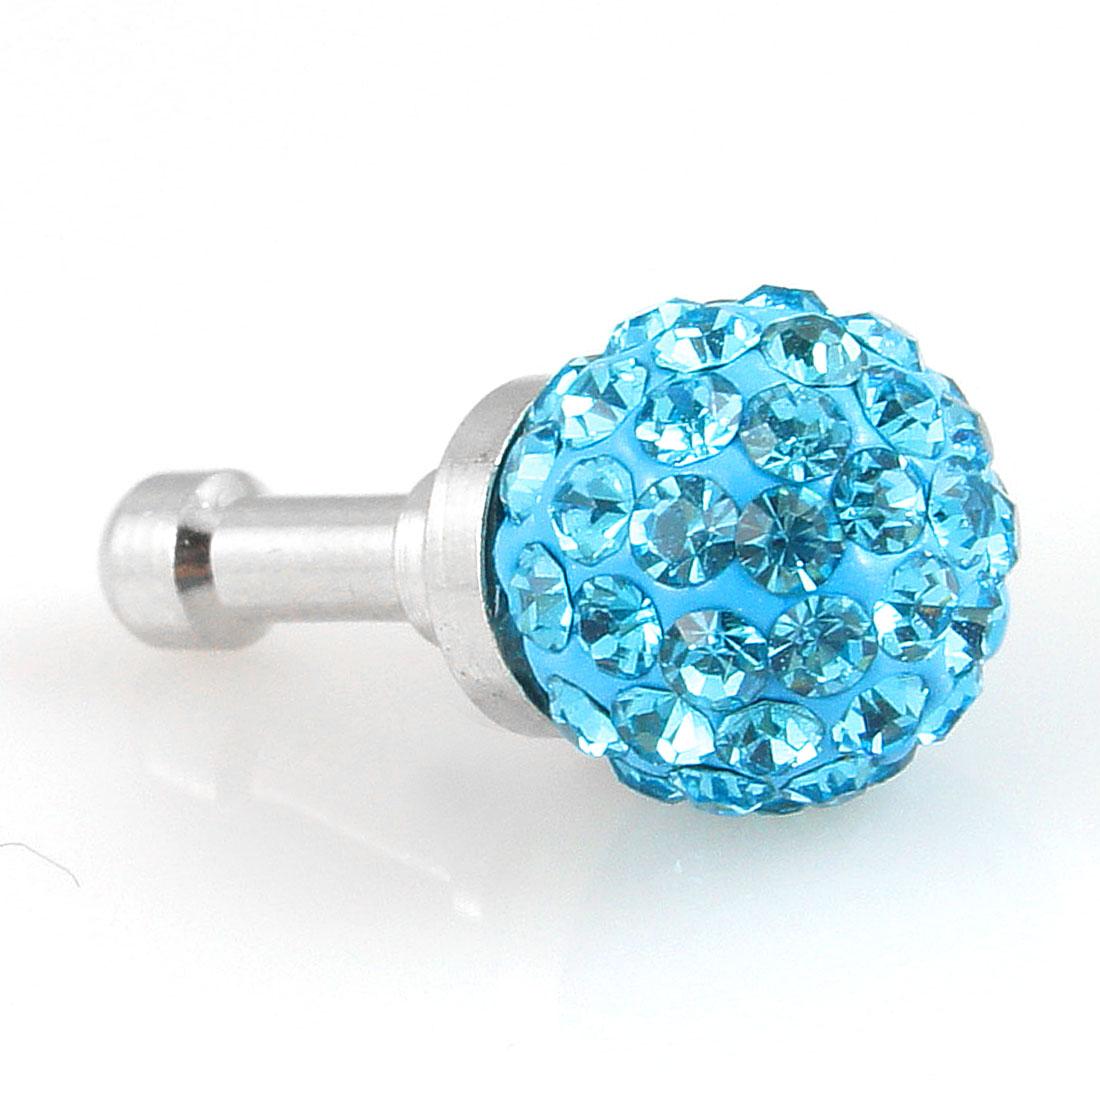 Bling Light Blue Crystal 3.5mm Earphone Ear Cap Anti Dust Cover for Phone